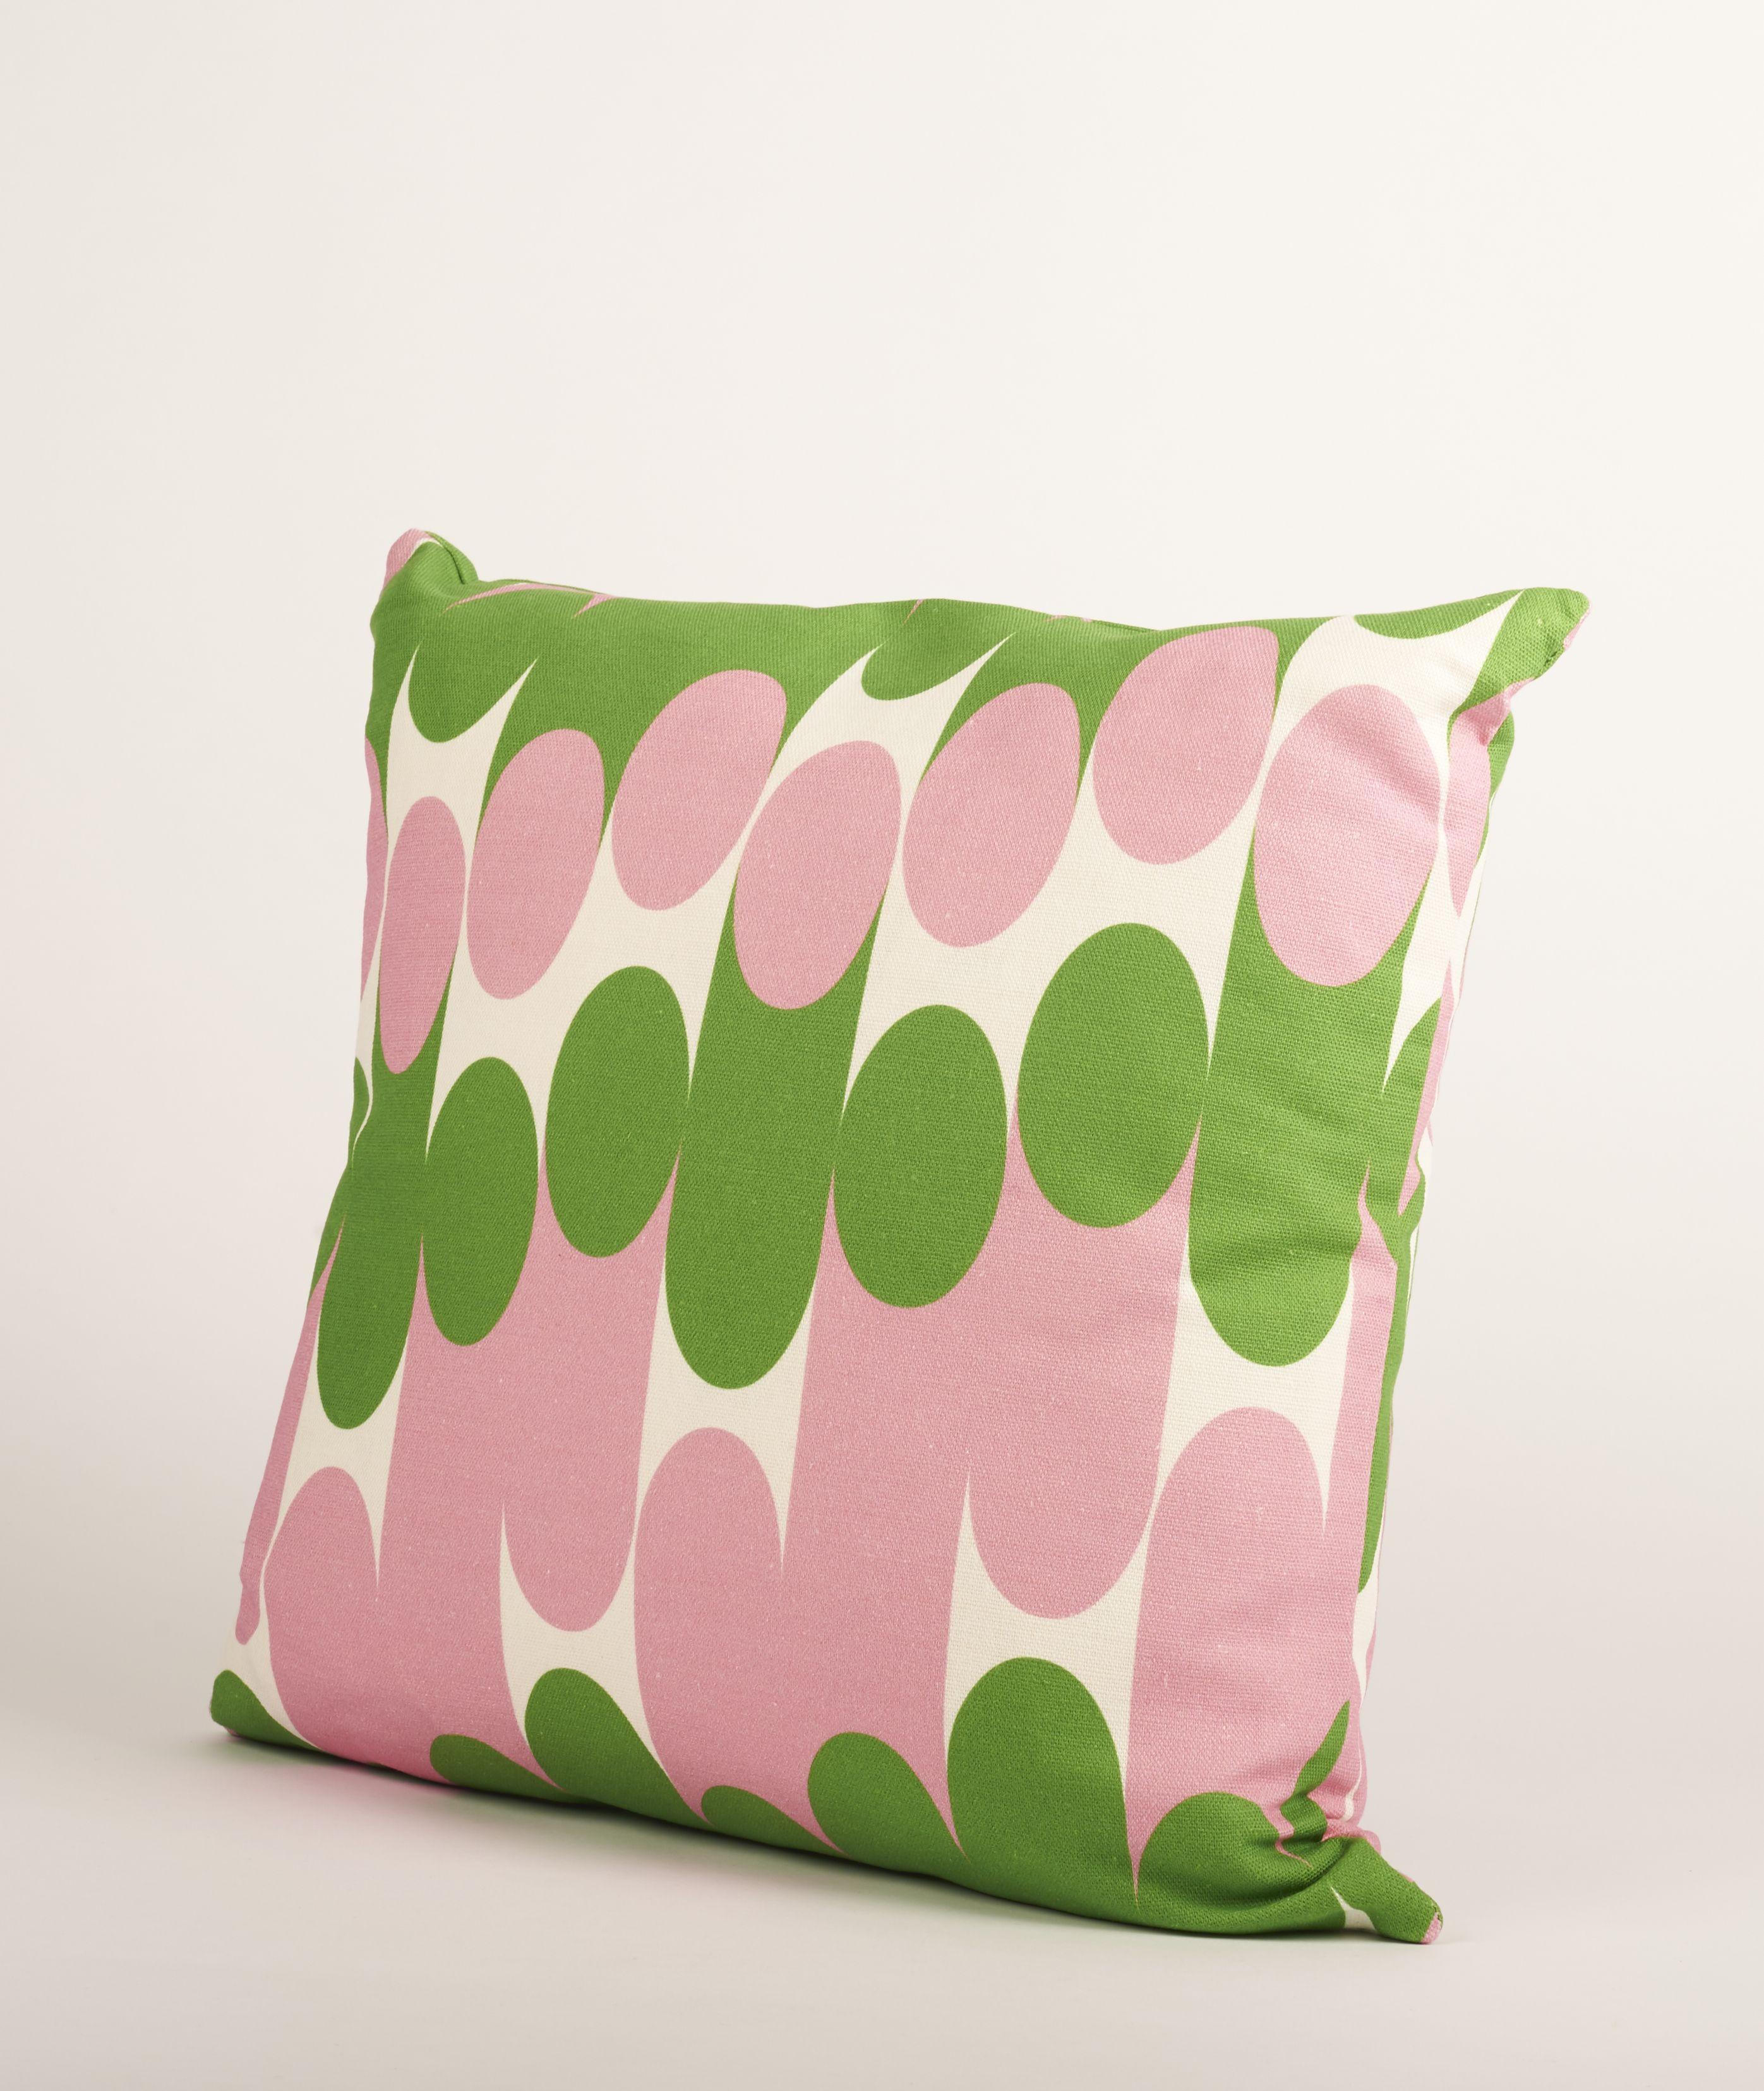 Laura spring pink and green molkky cushion this cushionus playful